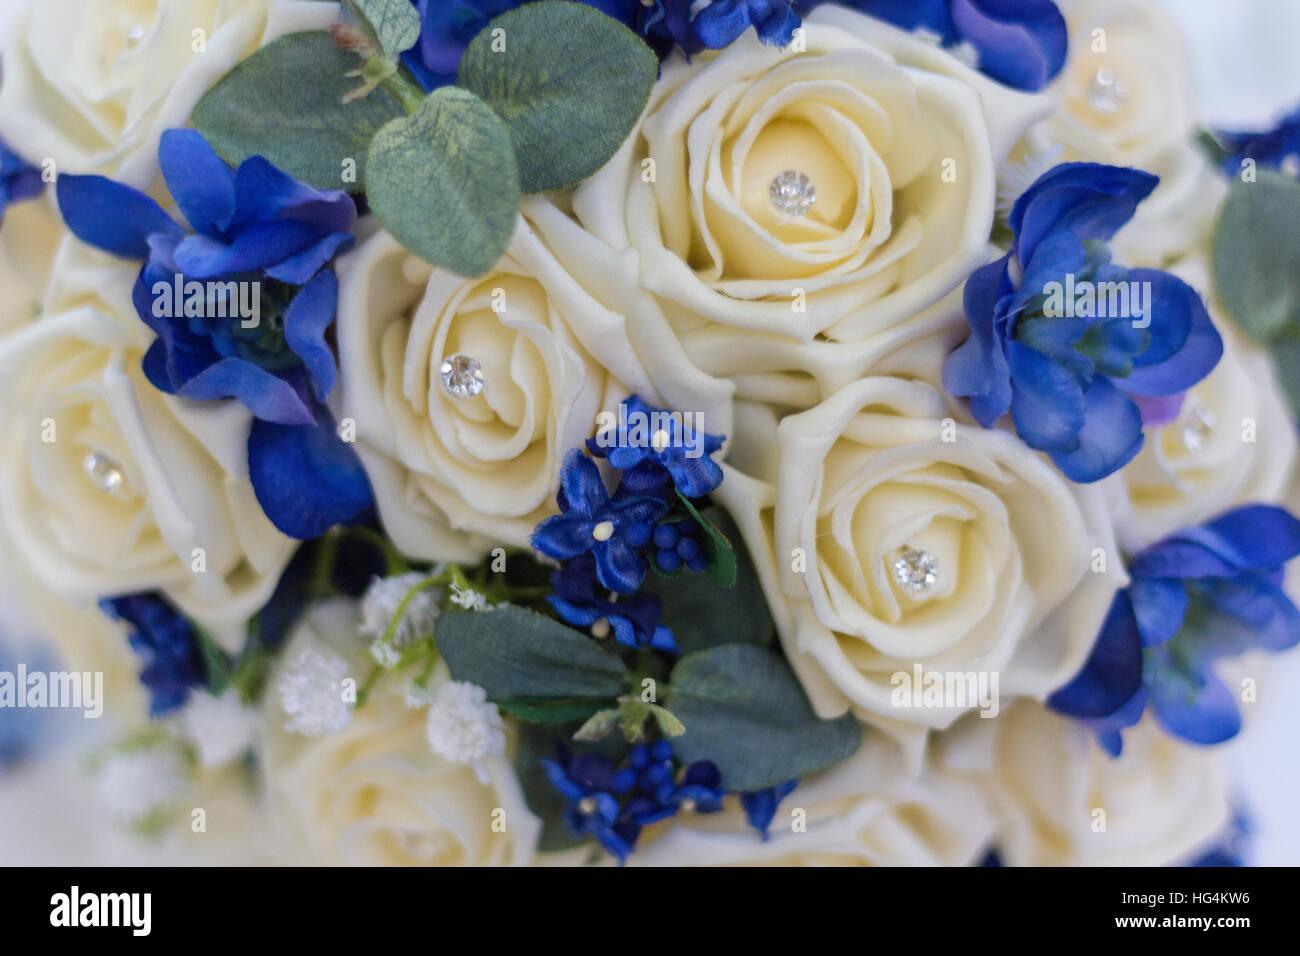 Brautstrauss In Blau Und Weiss Mit Rosen Und Diamanten Stockfoto Bild